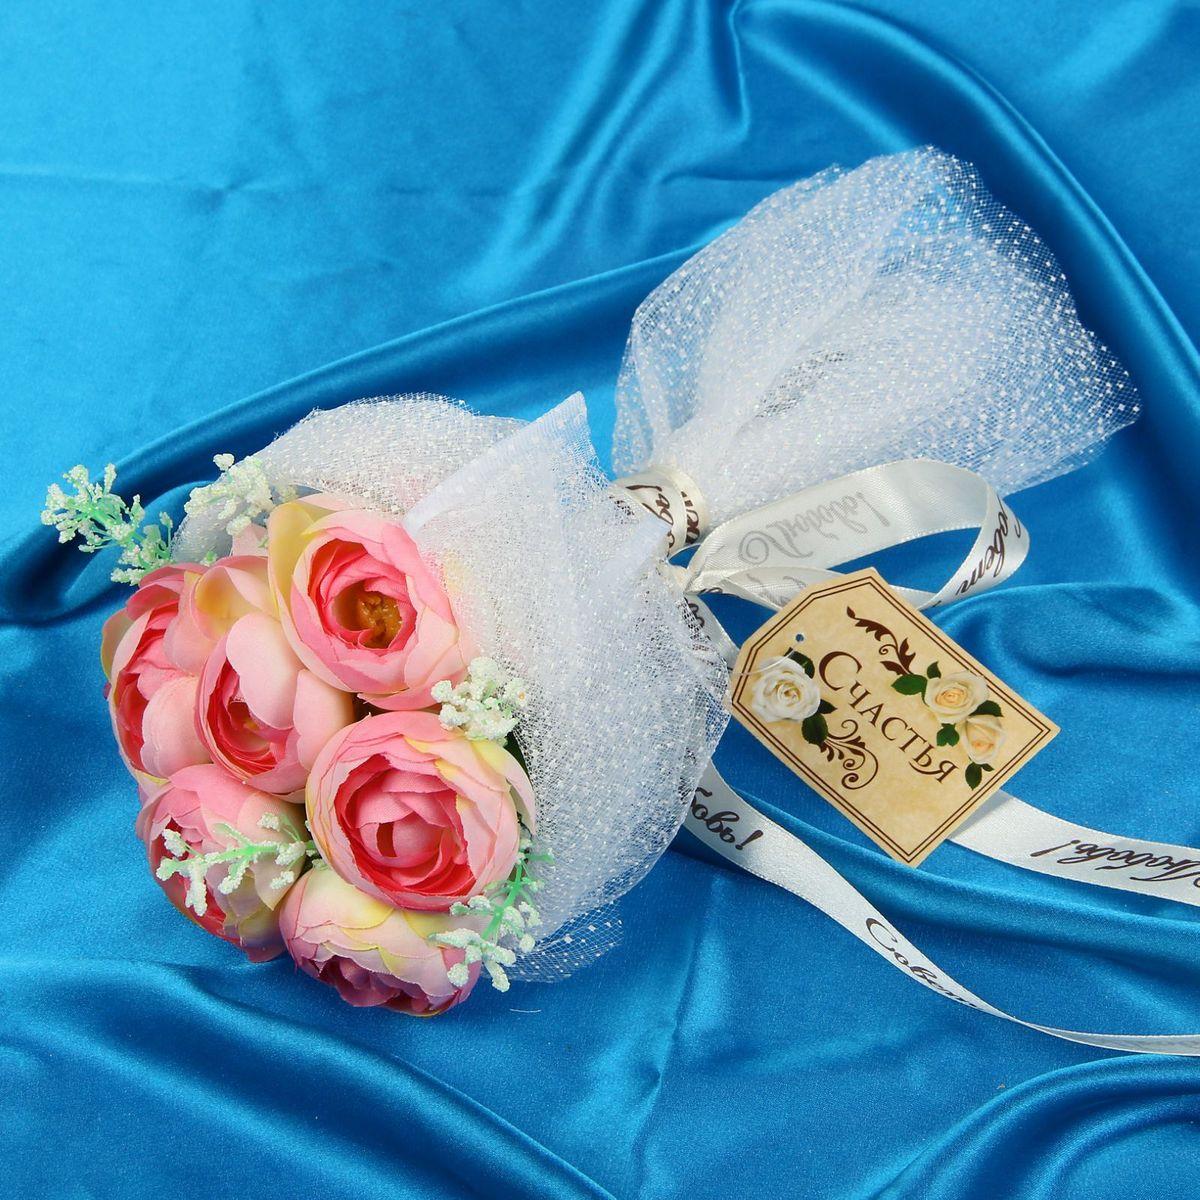 Крыму цветы, букет в подарок невесте от друзей